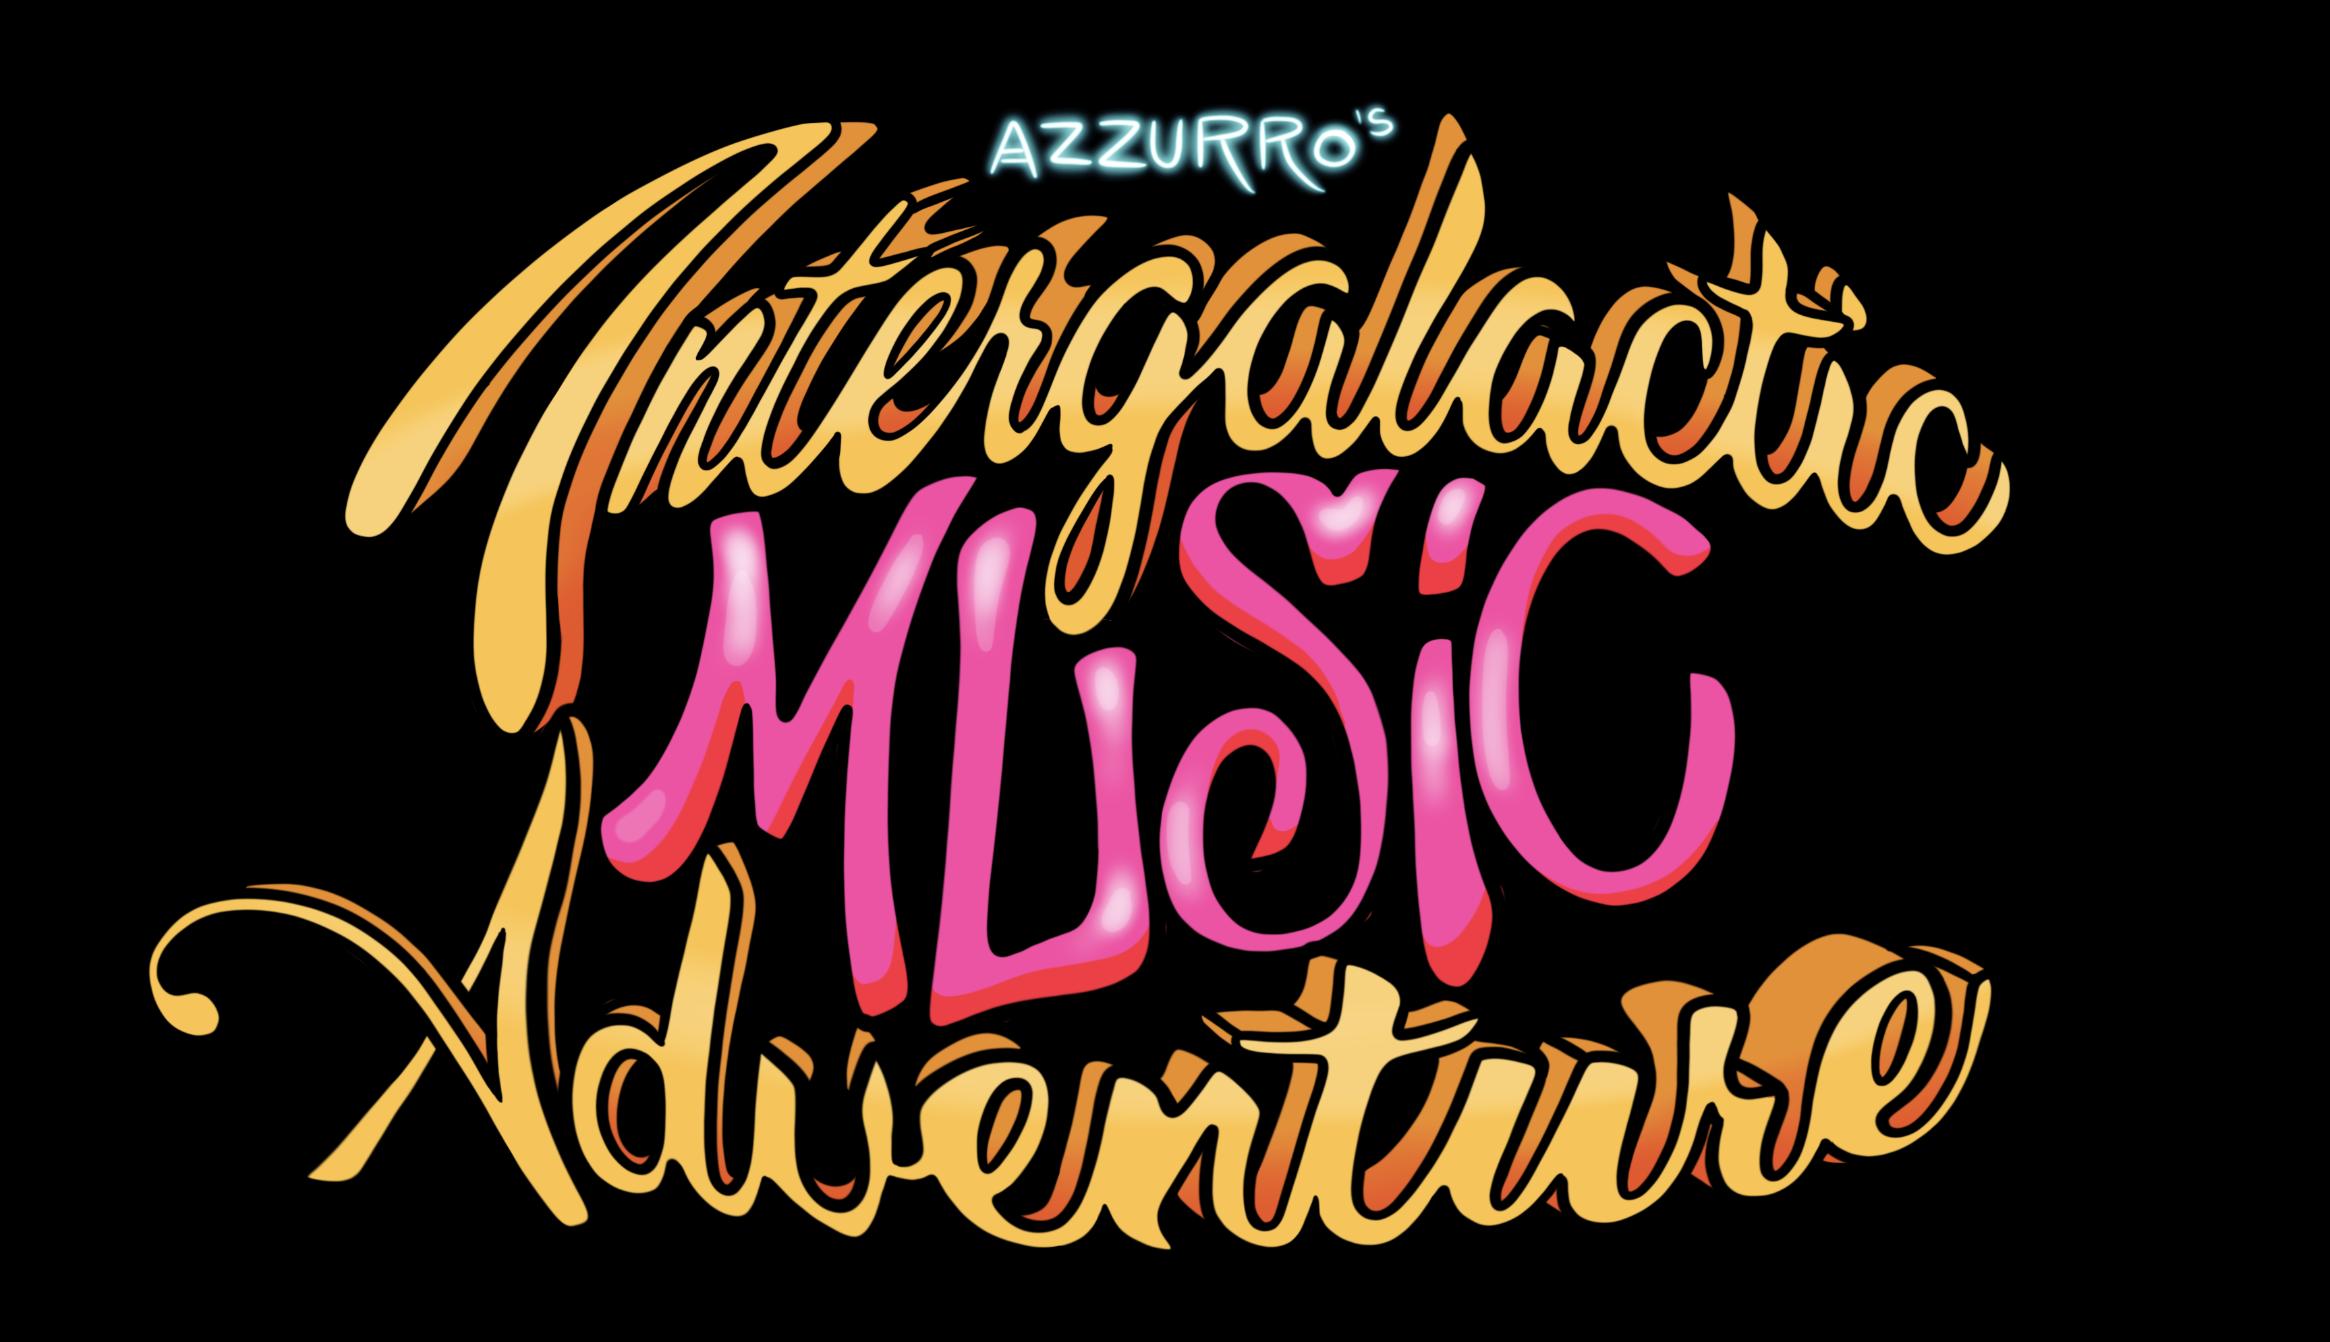 Intergalactic Music Adventure